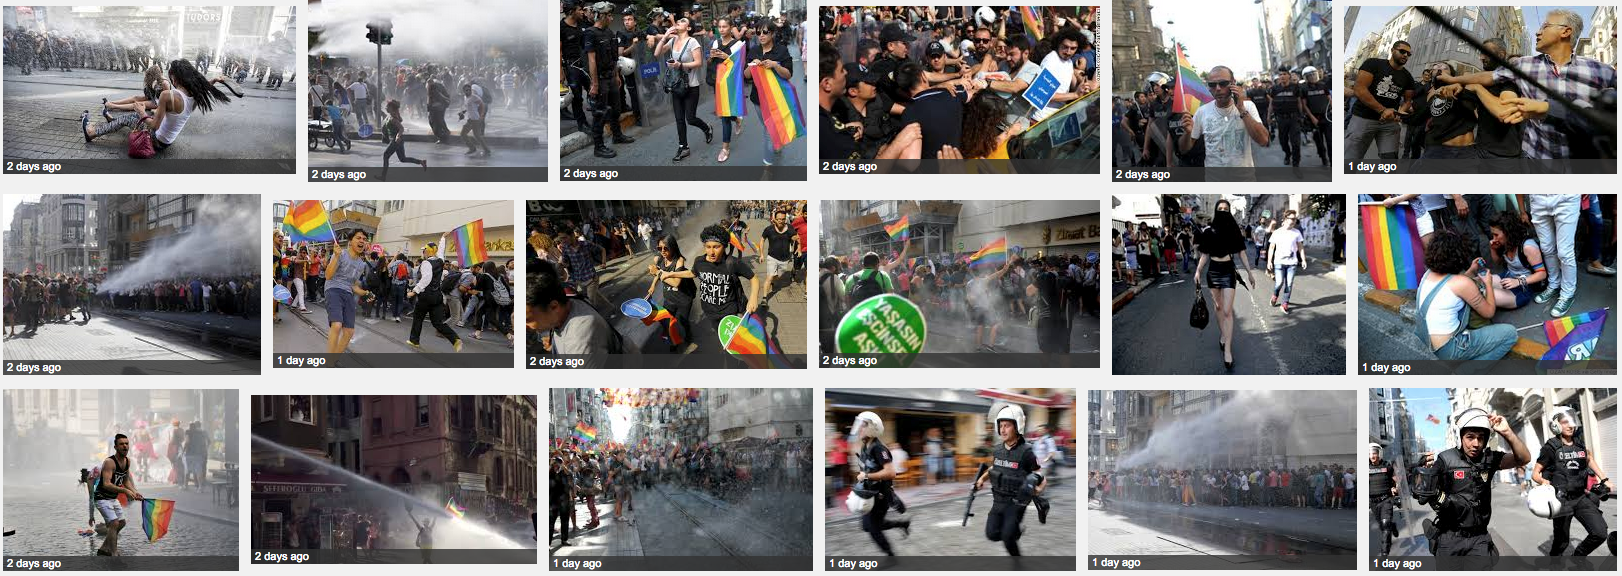 Google image search Turkey pride parade 2015